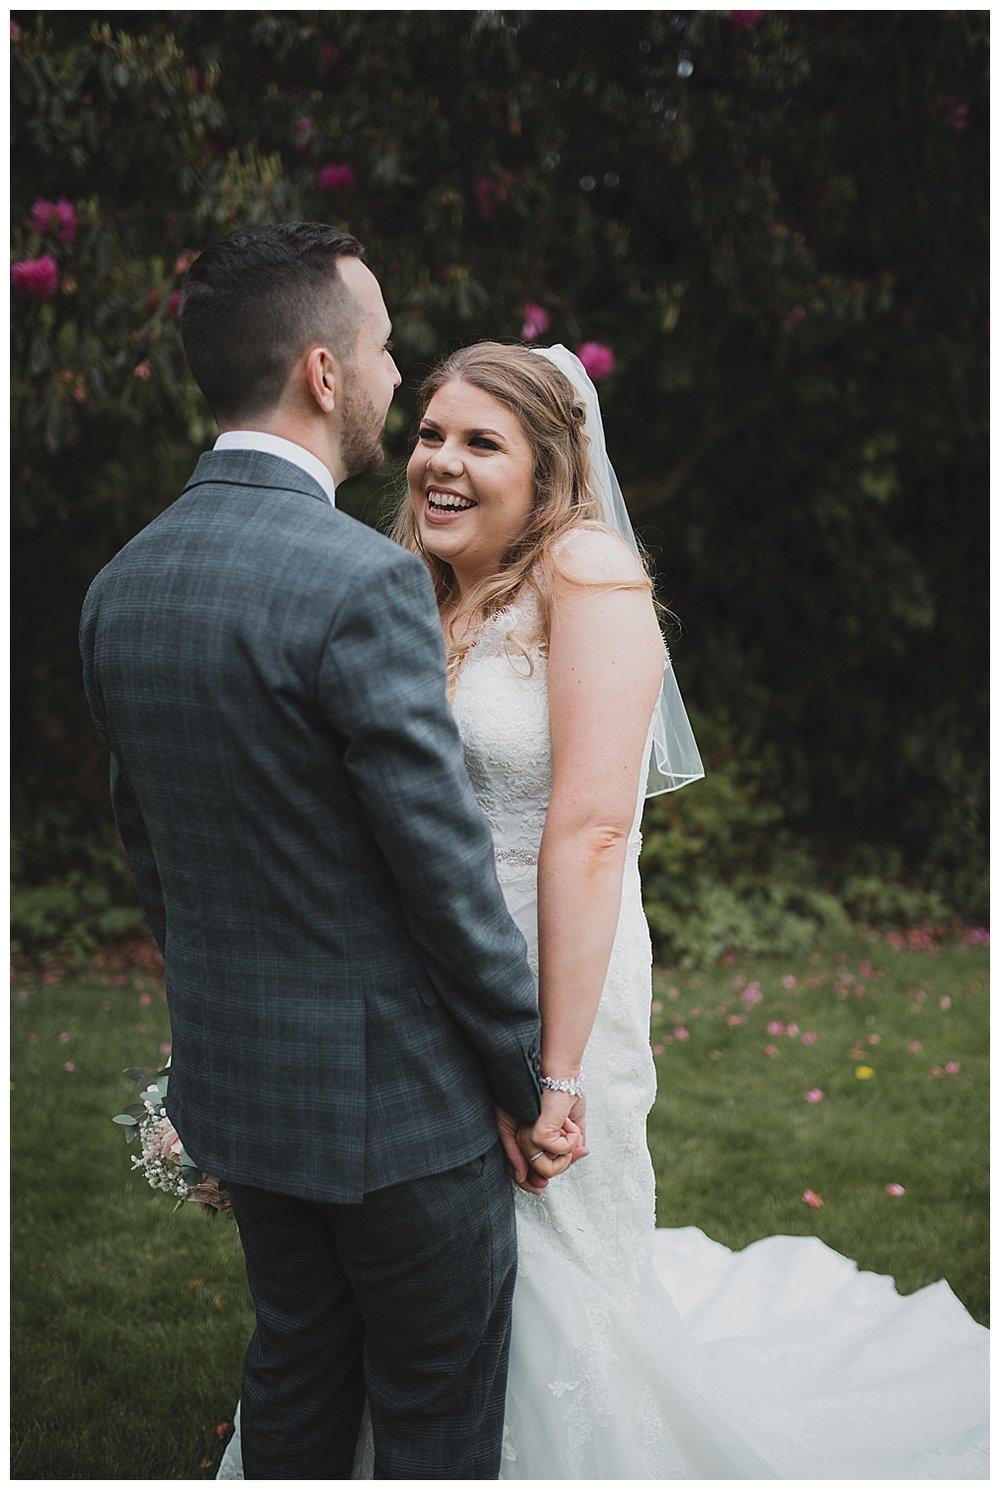 Keele Hall wedding photography.